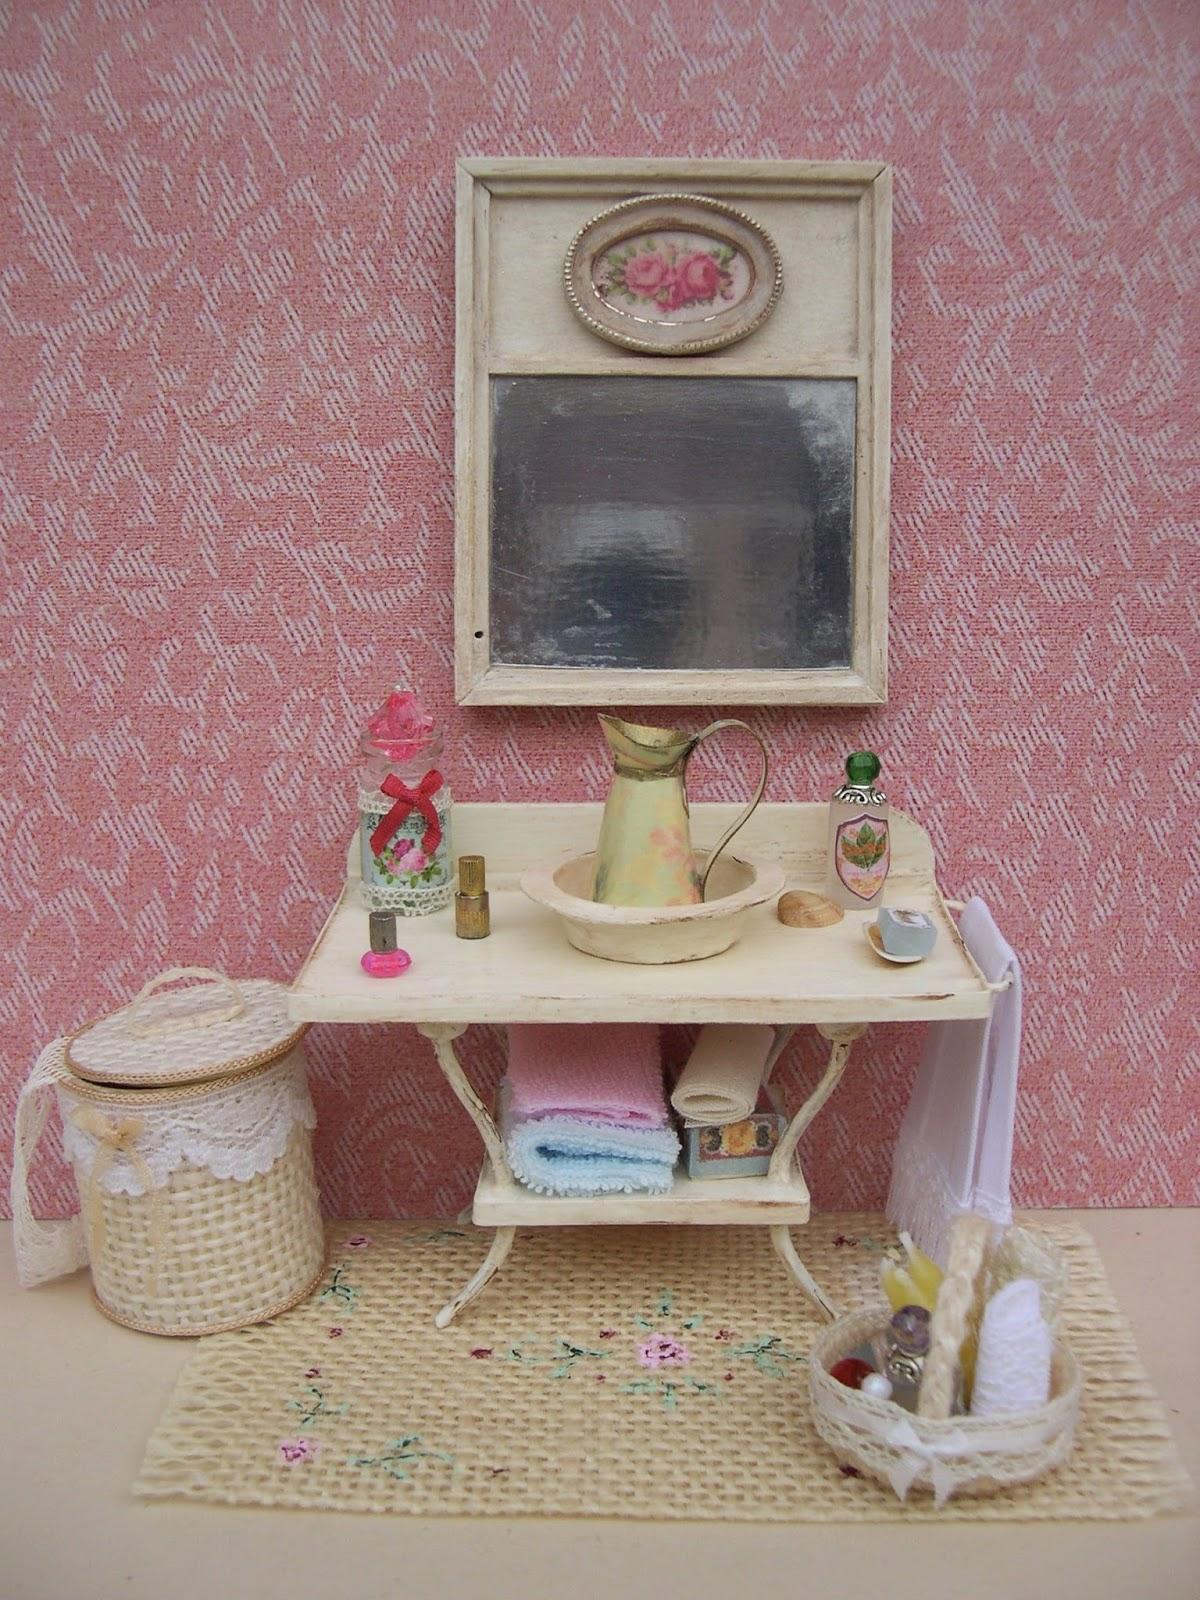 Mis rincones en miniatura muebles y complementos para el ba o - Muebles y complementos ...